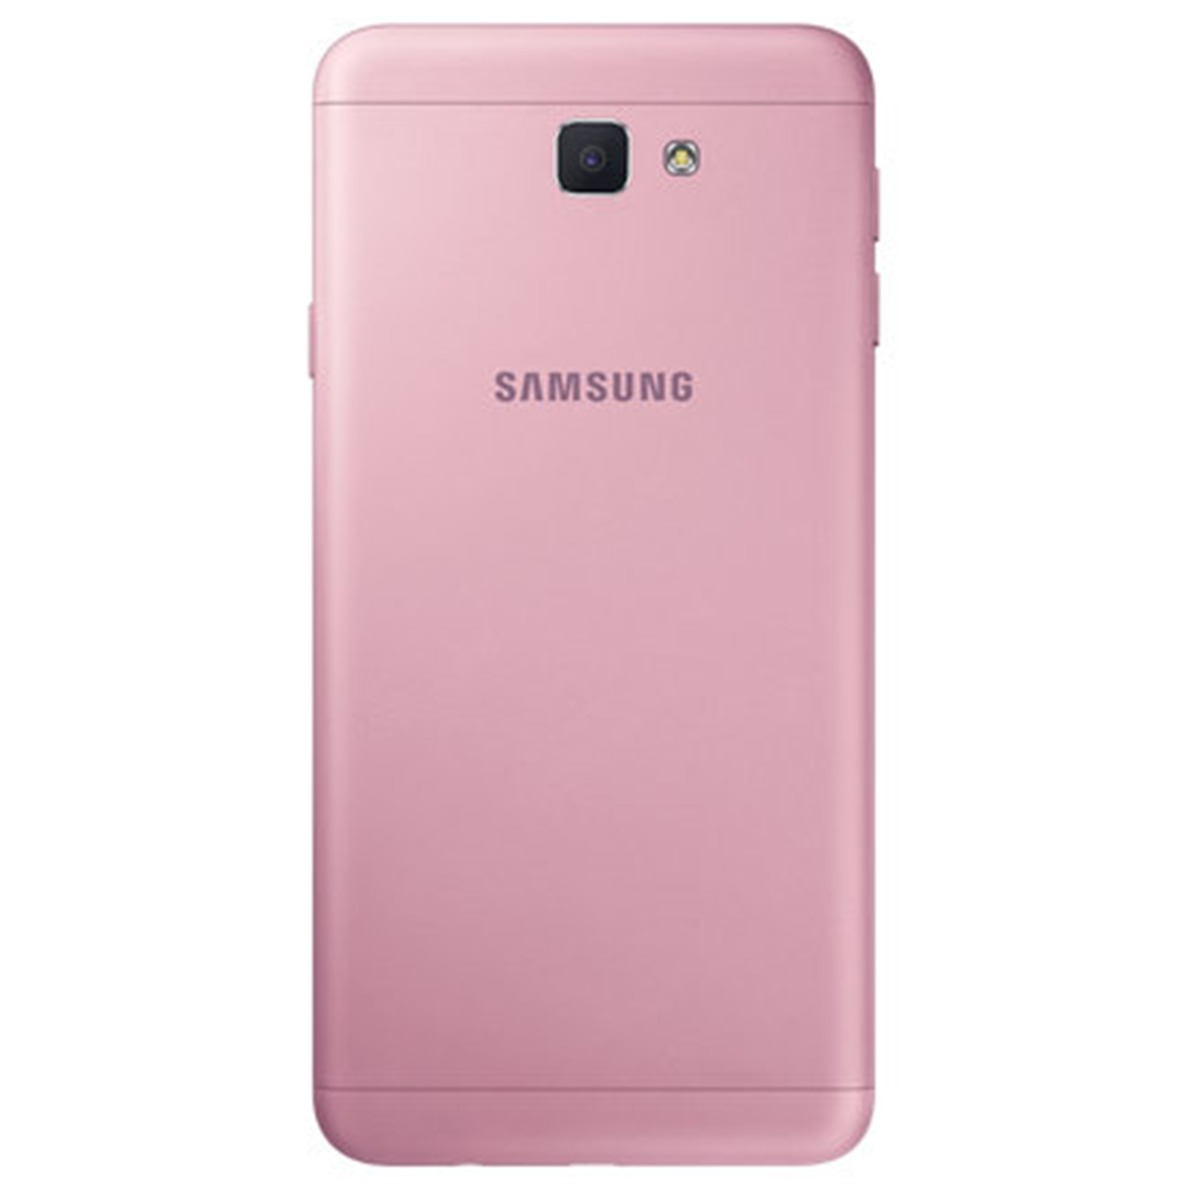 a77395a3b9 ... Celular Samsung Galaxy J7 Prime 2 32gb Preto Tv Digital R 9999 Capa De  Silicone TPU ...